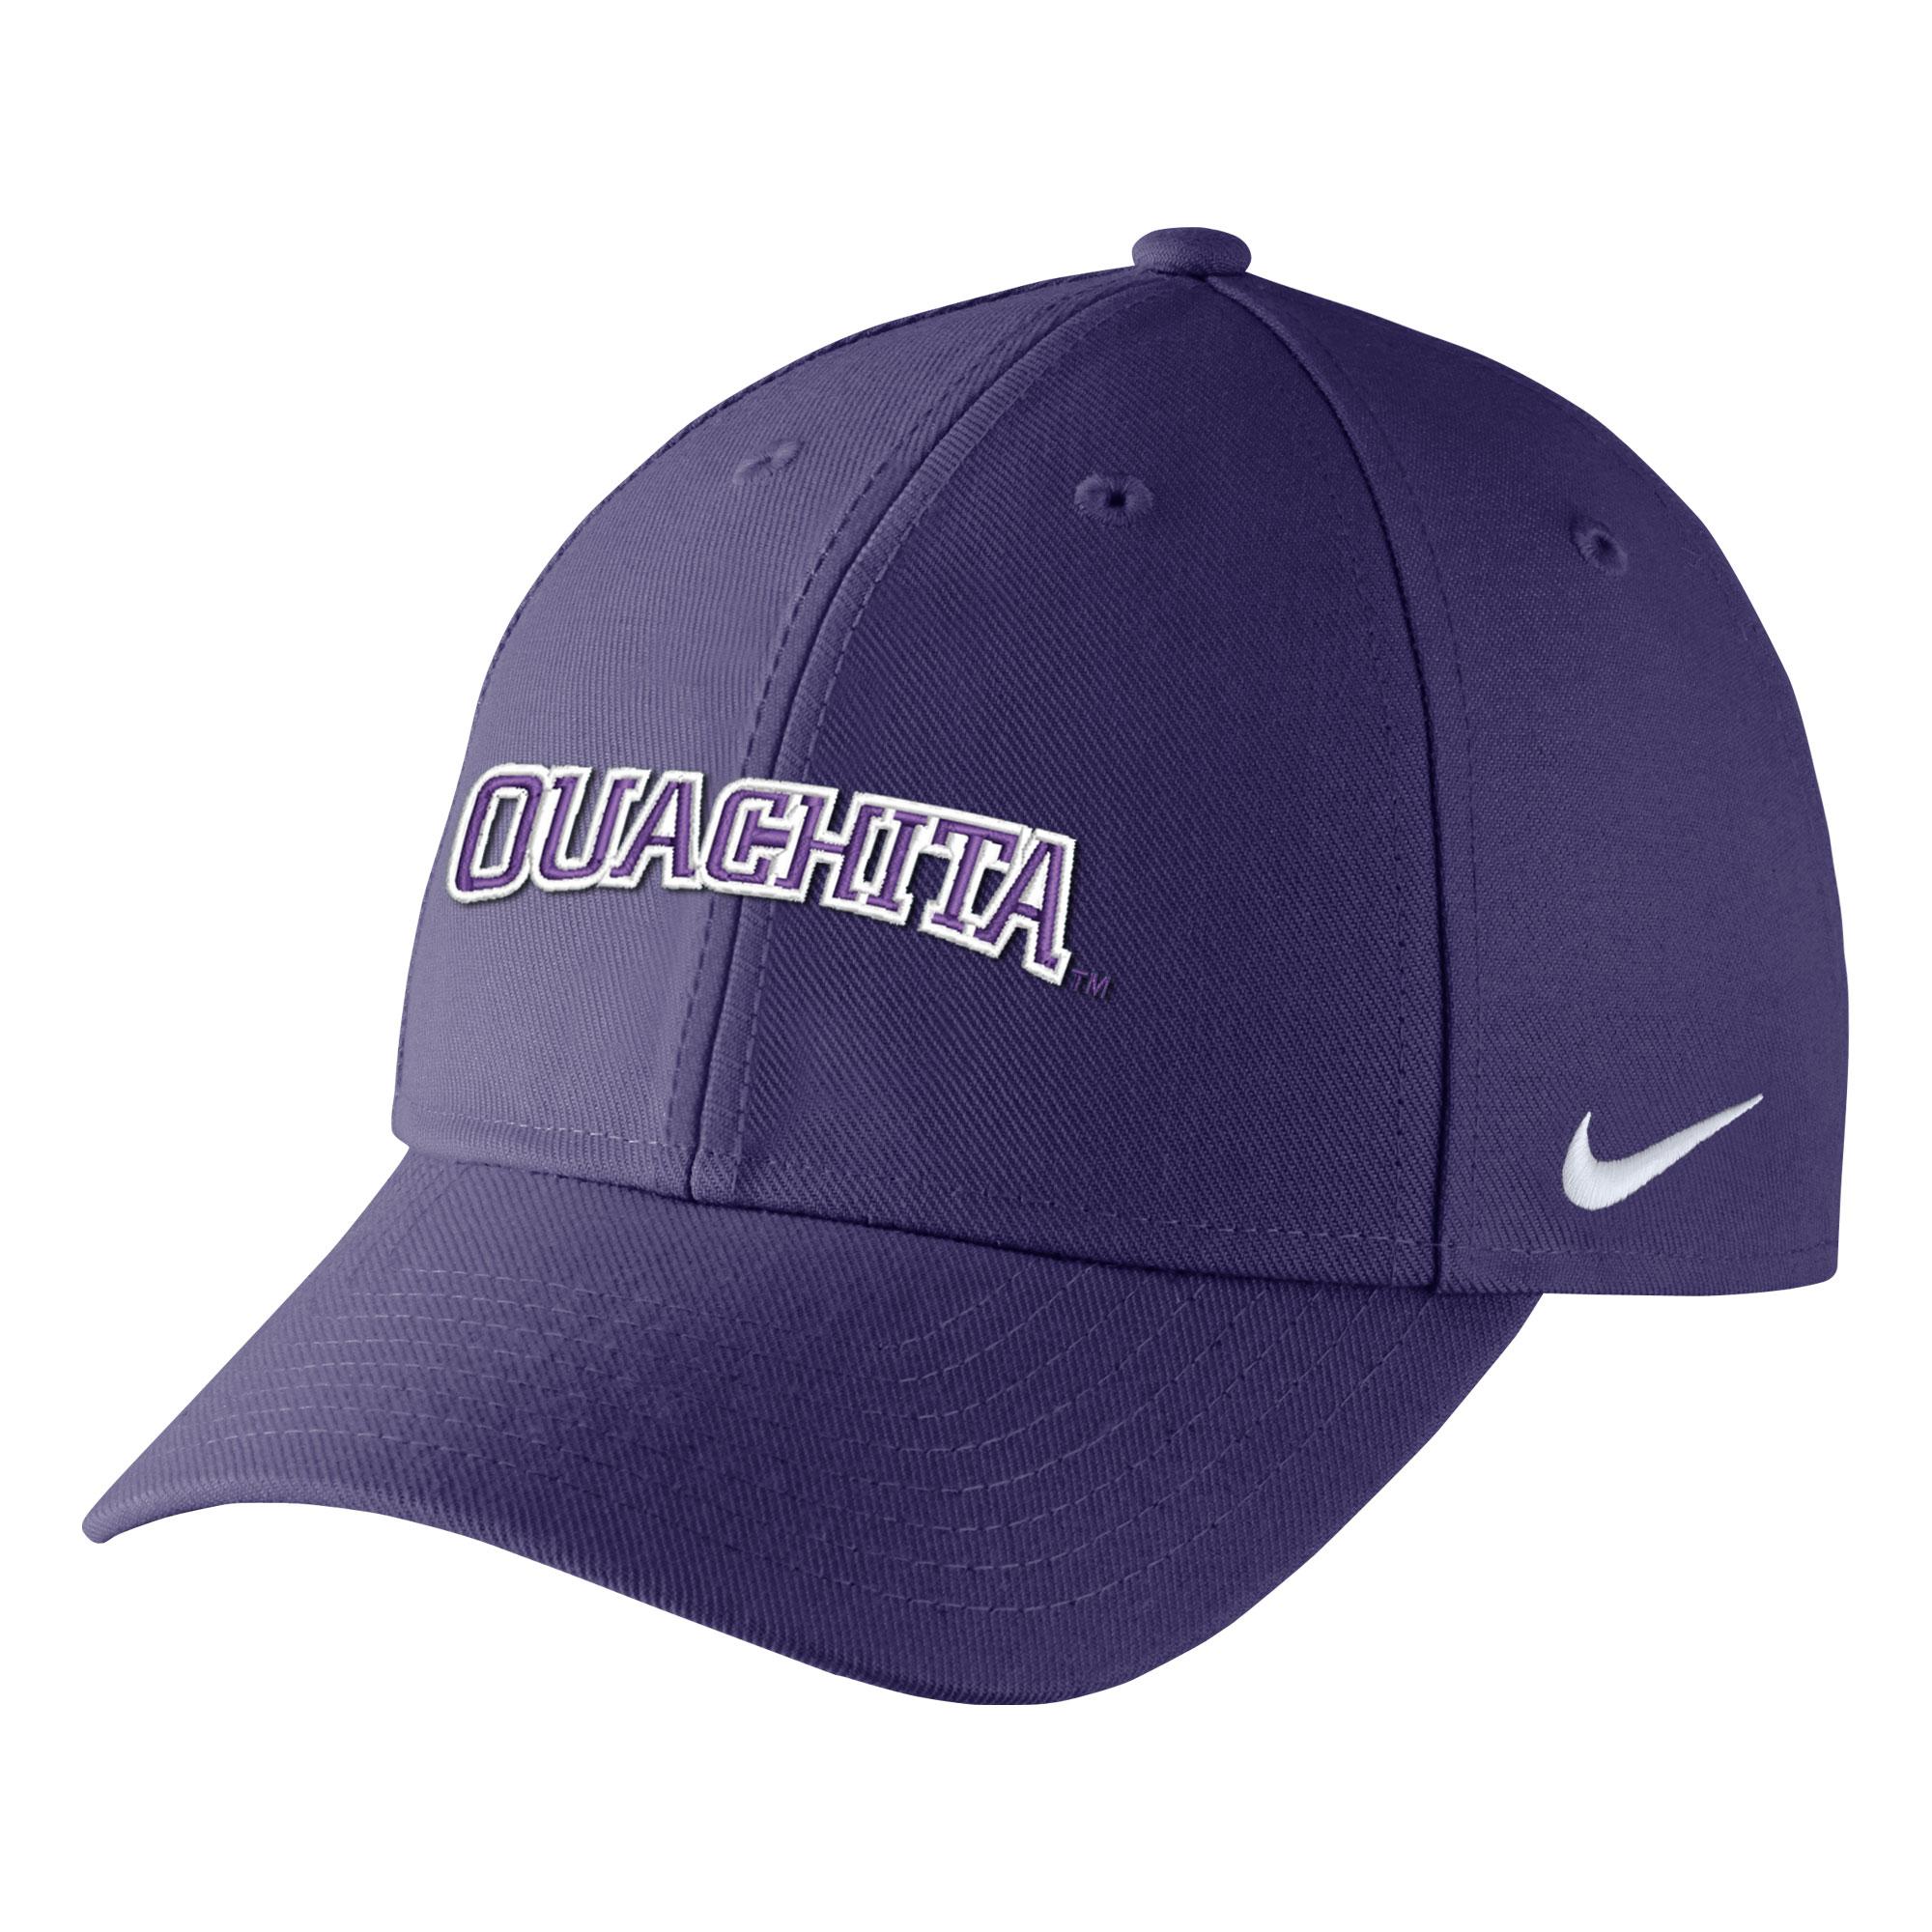 image of: OUACHITA DRIFIT WOOL CLASSIC HAT